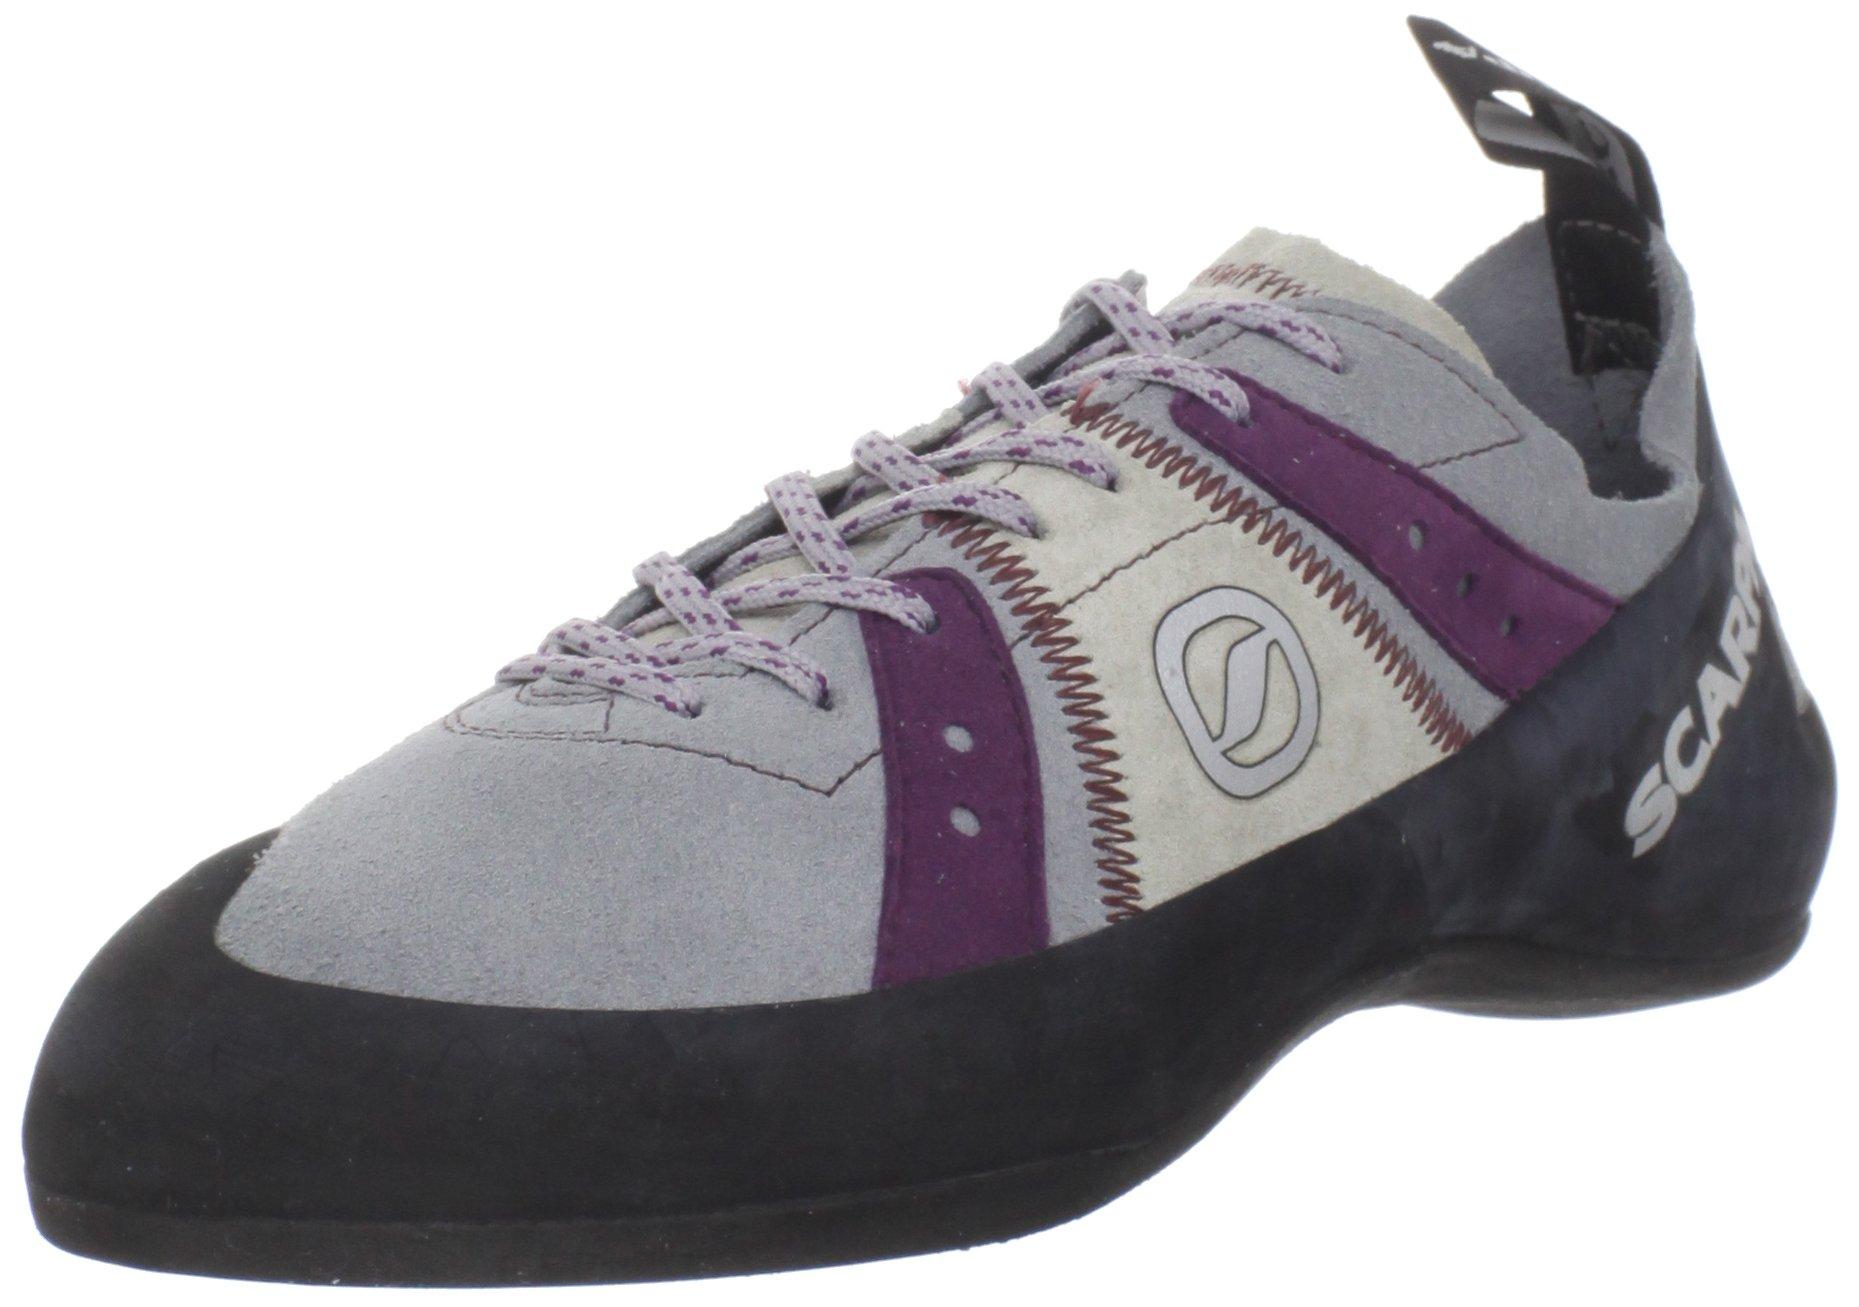 Scarpa Women's Helix Climbing Shoe,Pewter/Plum,41 EU/9 M US